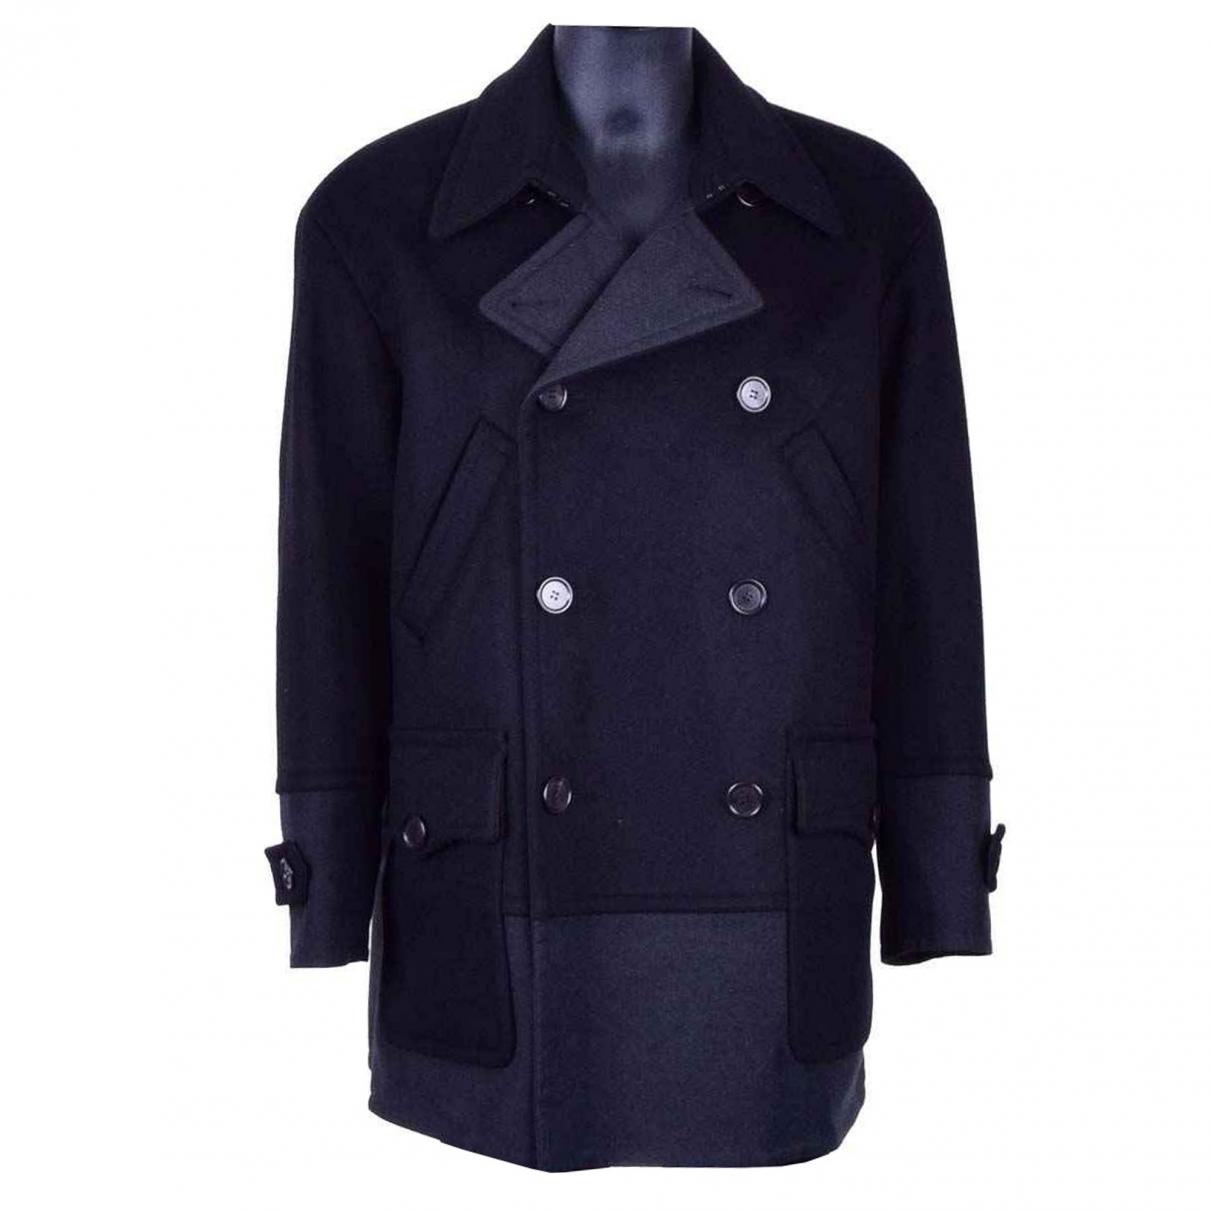 Dolce & Gabbana - Manteau   pour homme en laine - marine